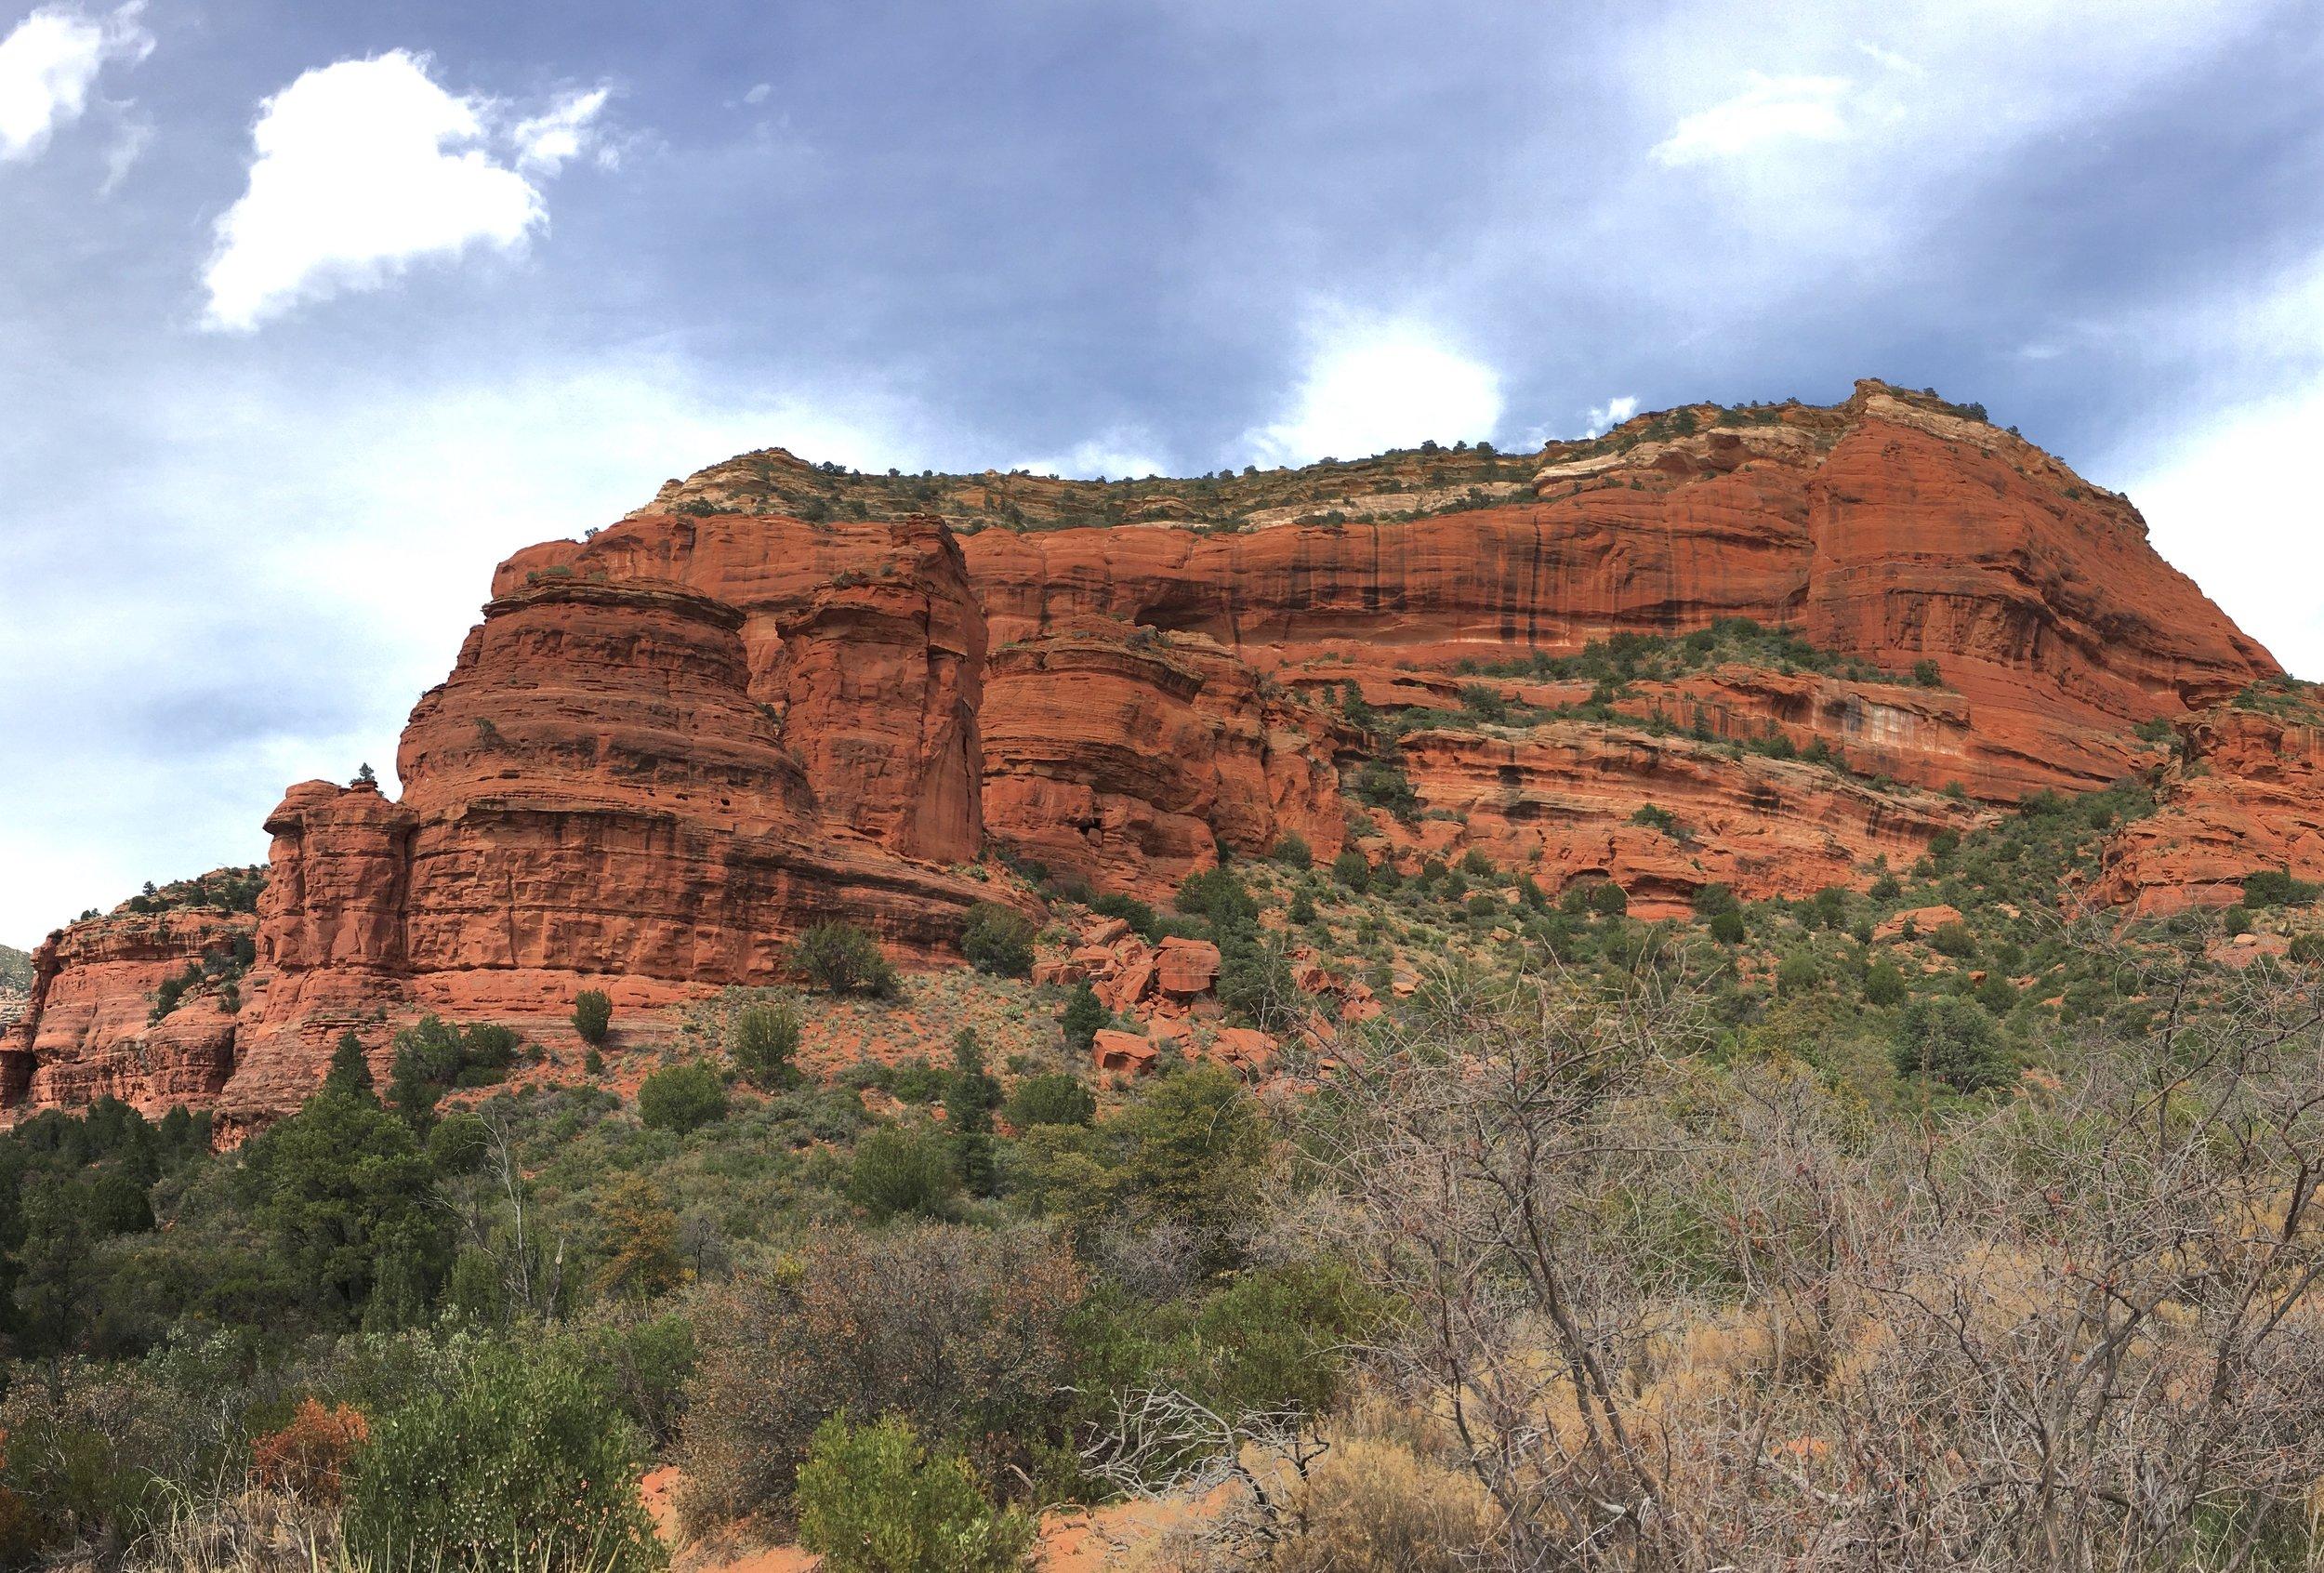 sedona boynton canyon.JPG